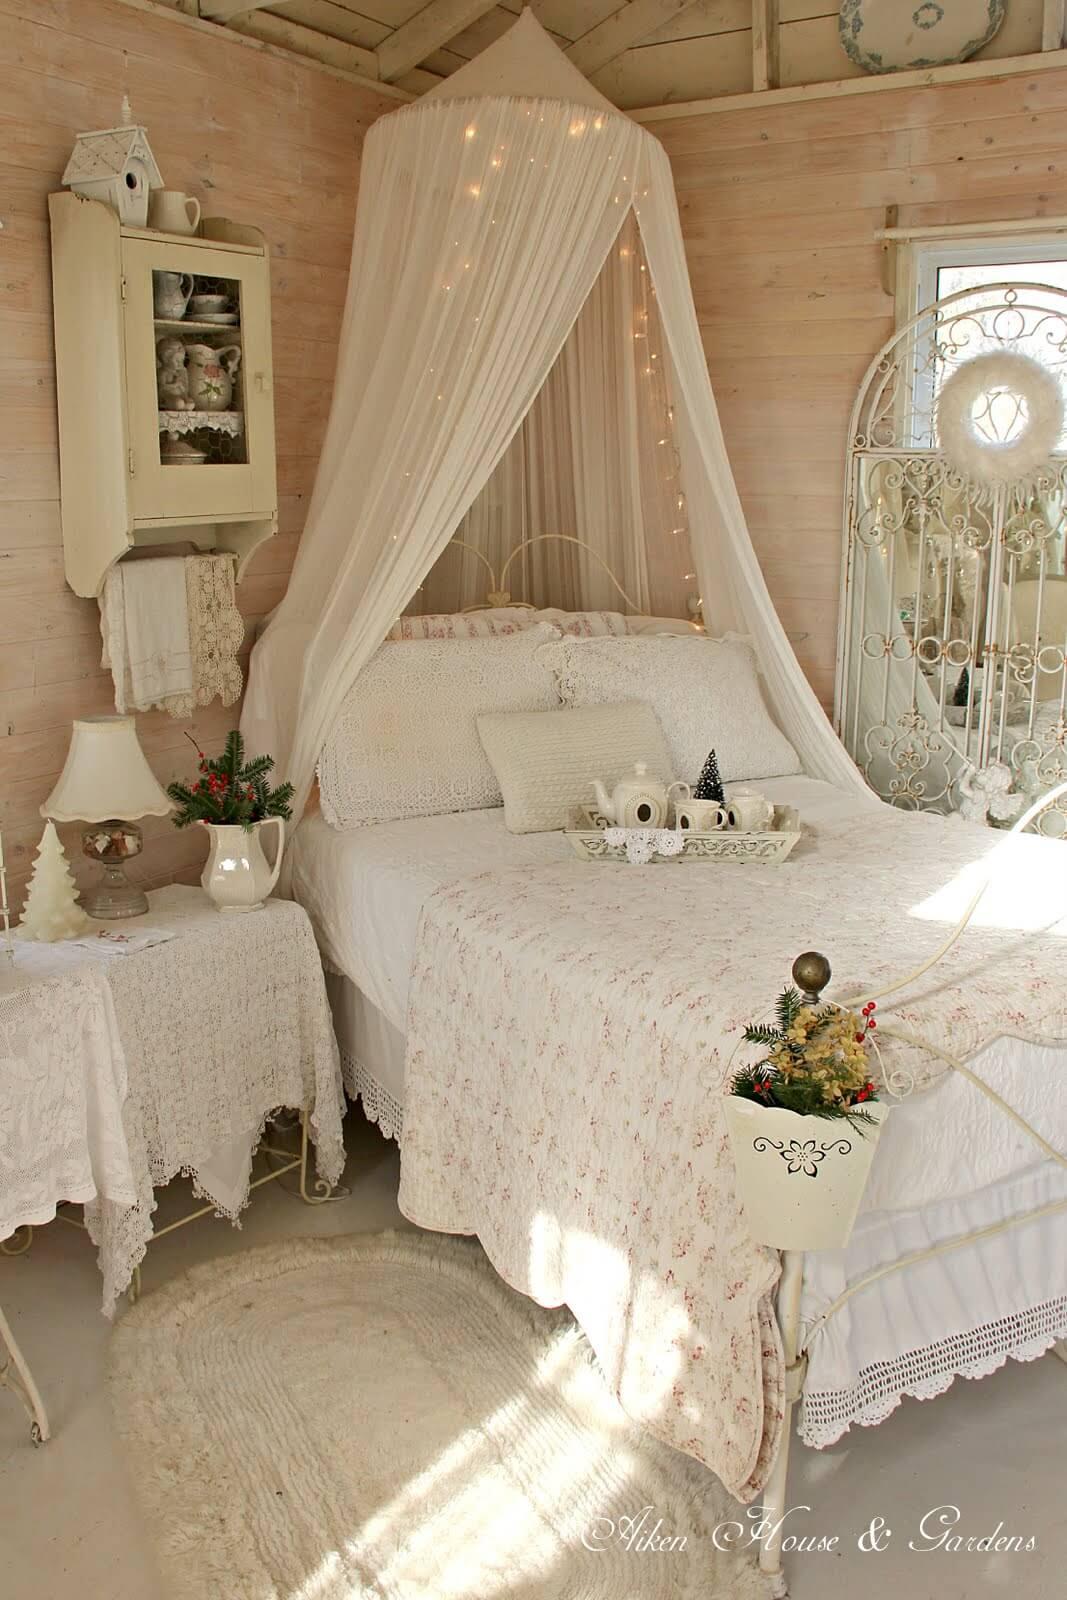 Auvent de lit moustiquaire avec guirlandes lumineuses